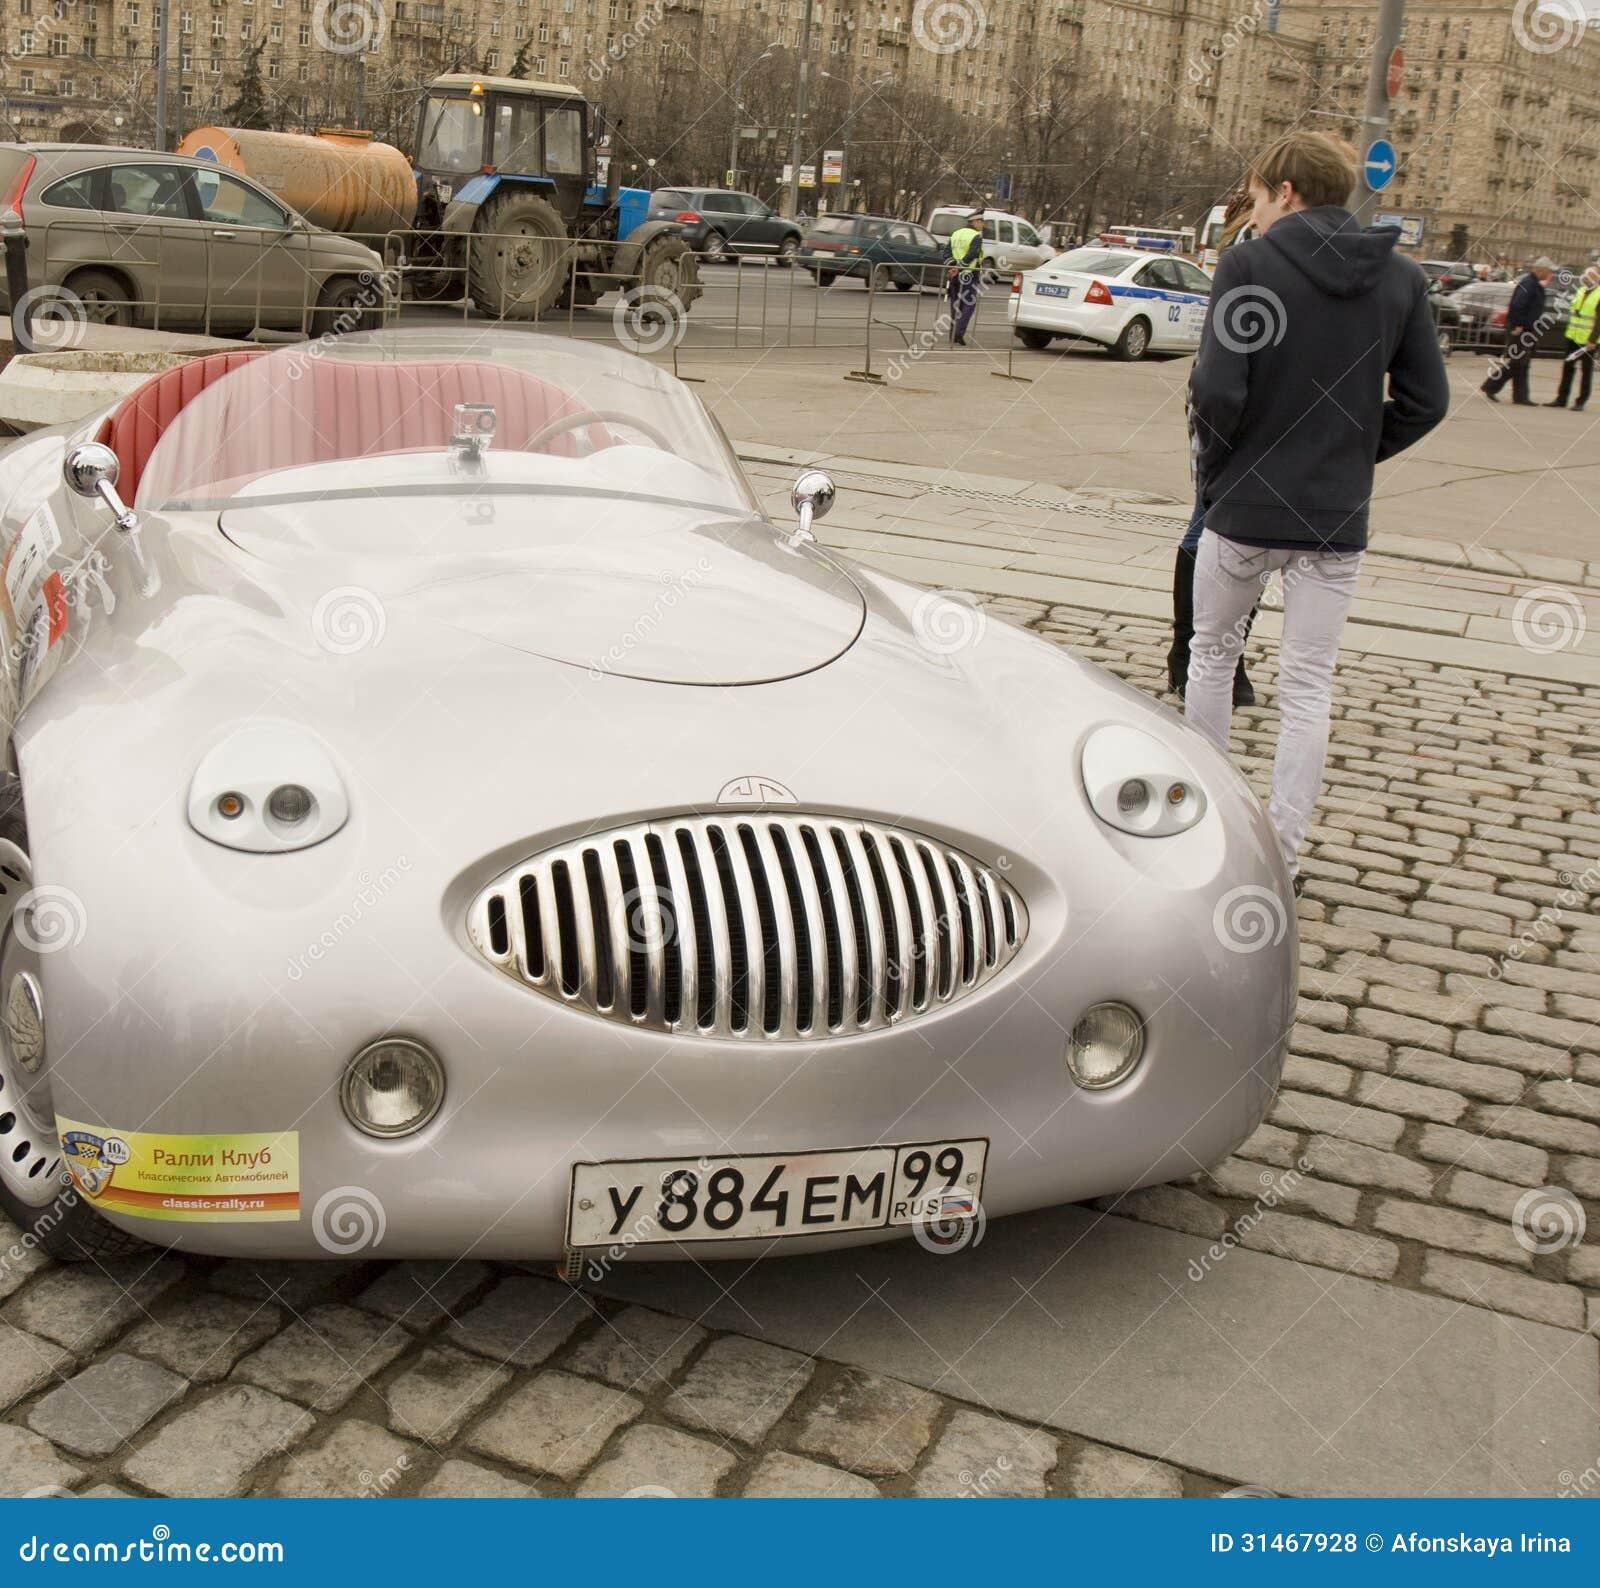 Cardi на ралли классических автомобилей, Москве